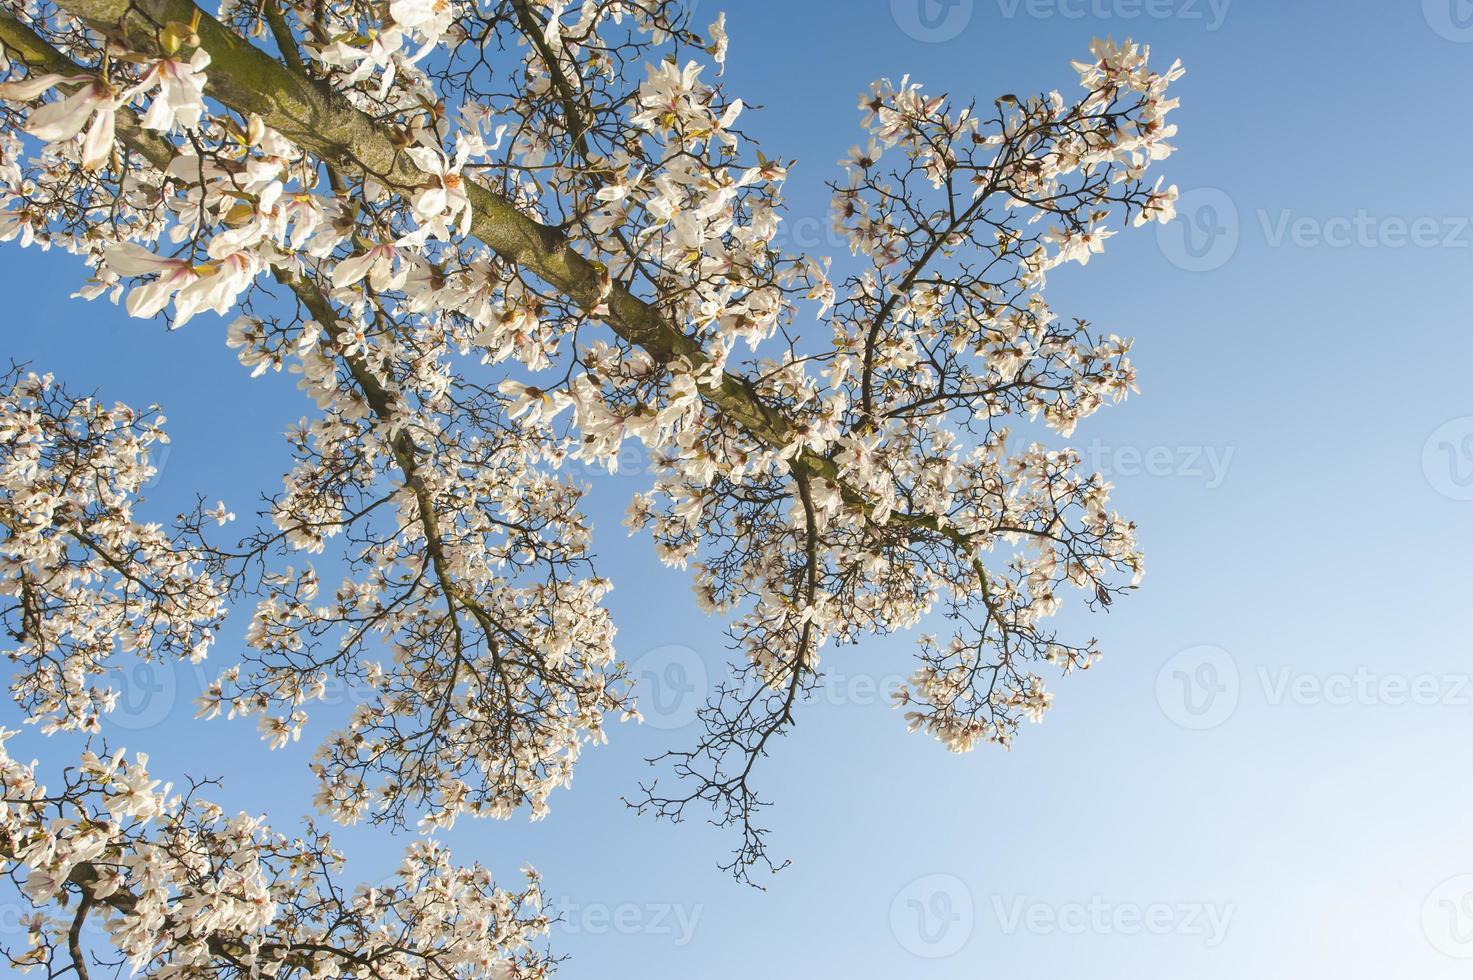 schöne Magnolienblüten im Frühling foto